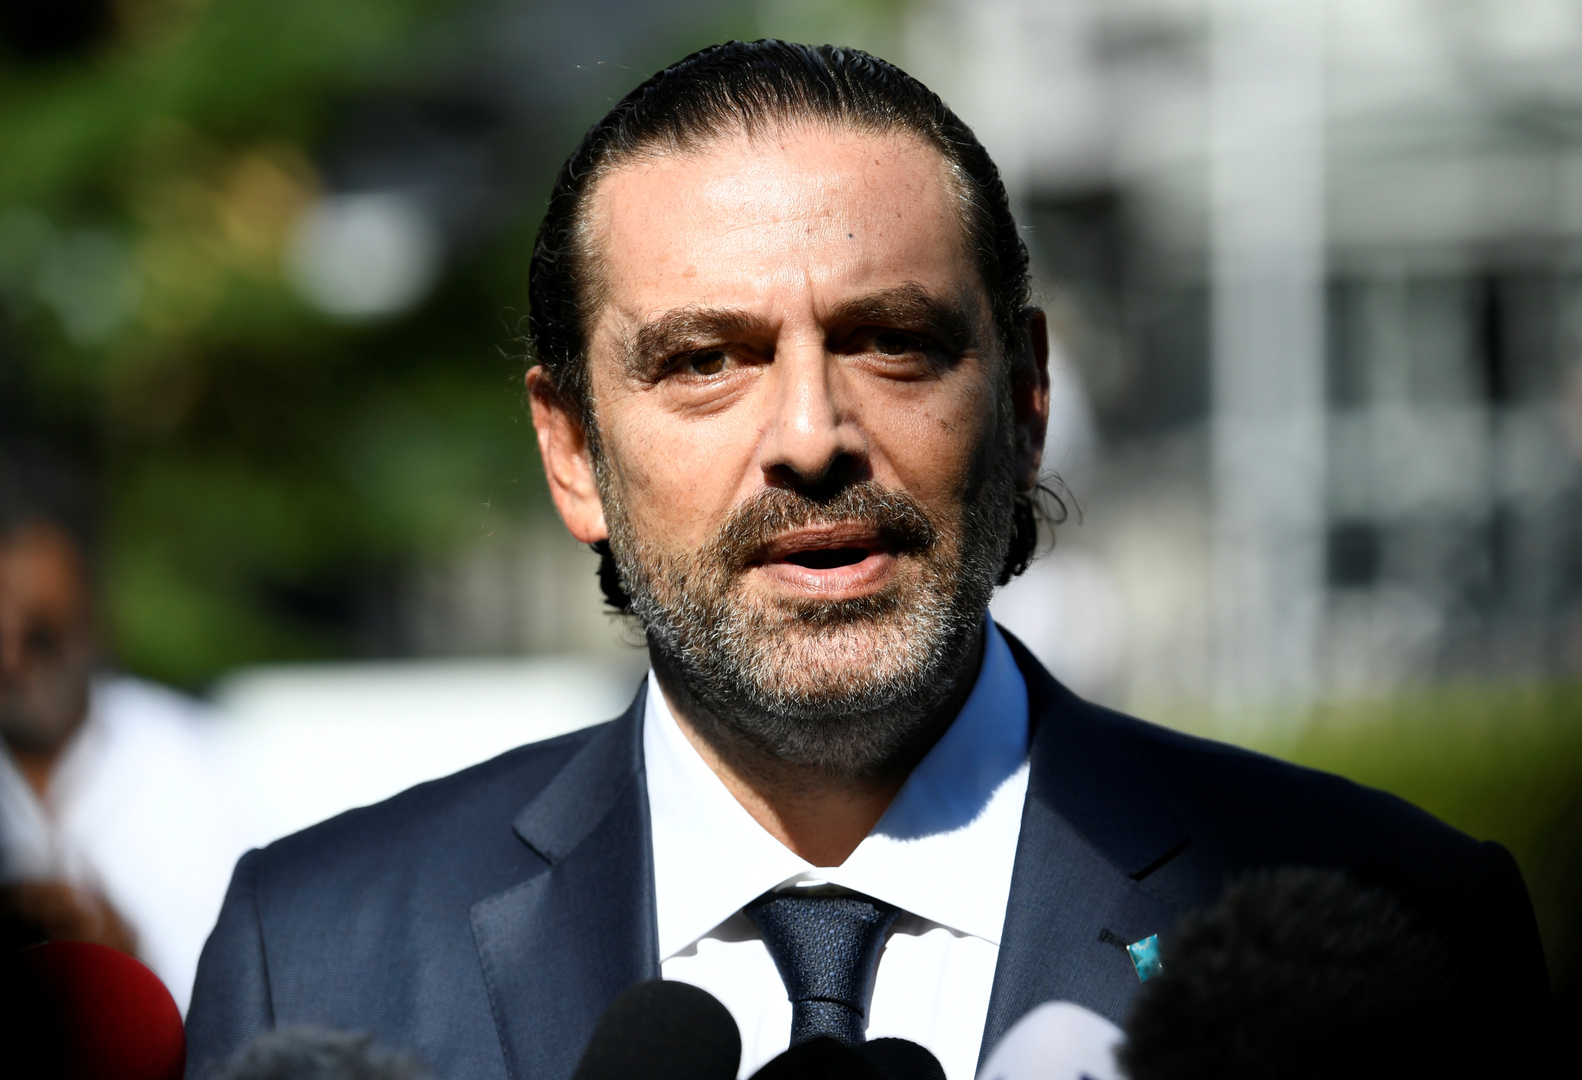 الحريري: جهات تريد توجيه رسائل سياسية قد تكون وراء التحركات في طرابلس